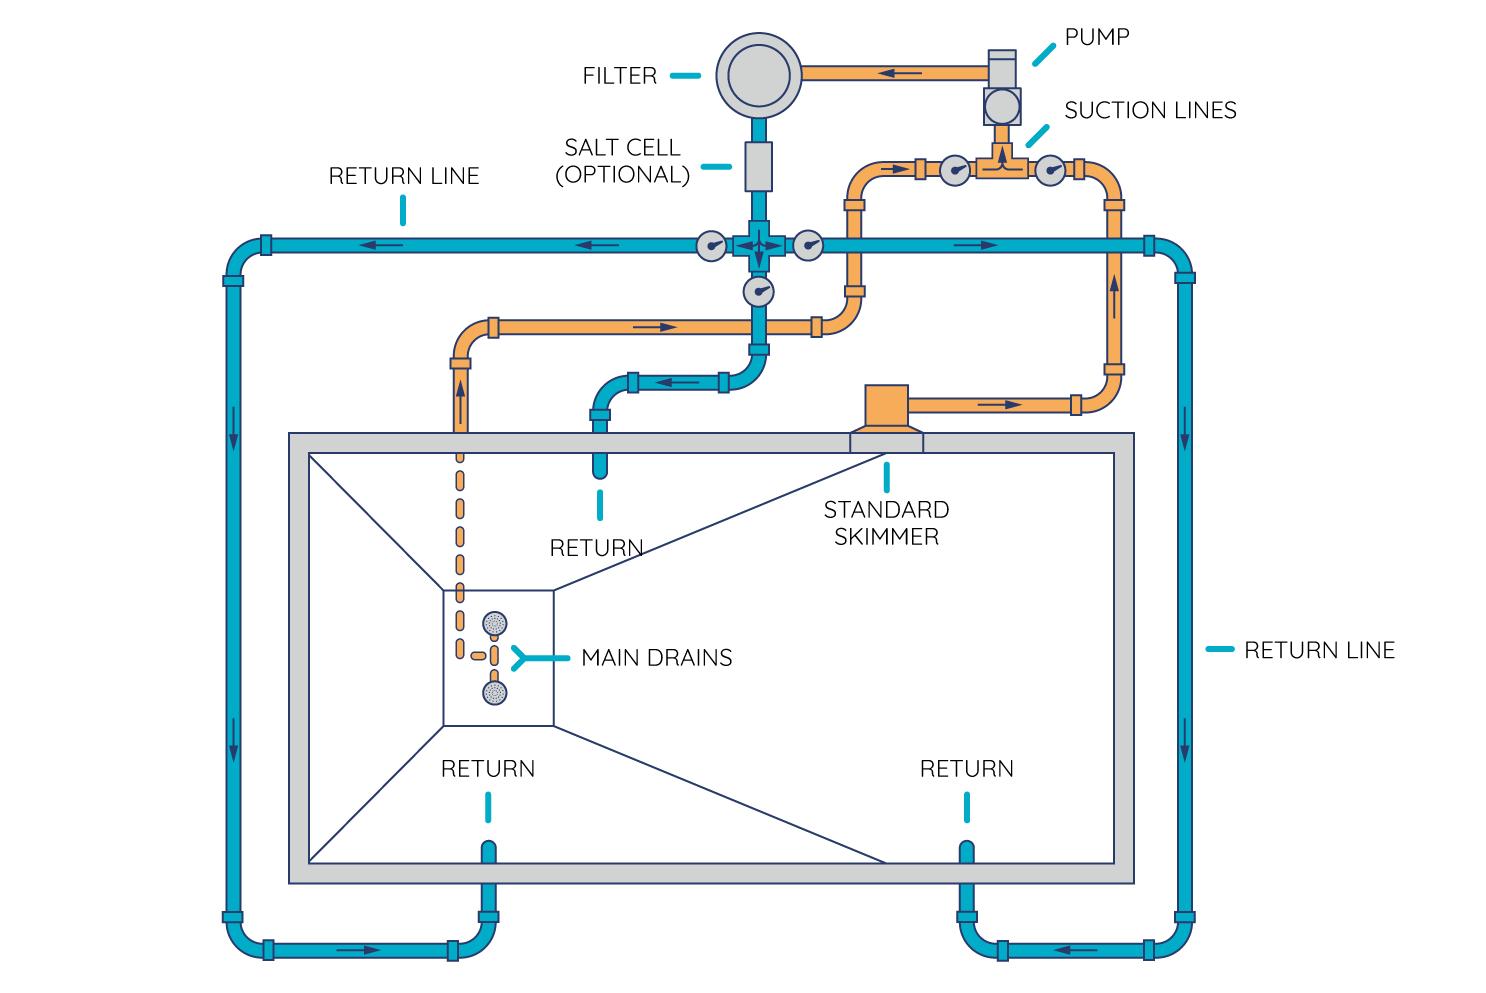 diagram pemipaan kolam renang skimmer